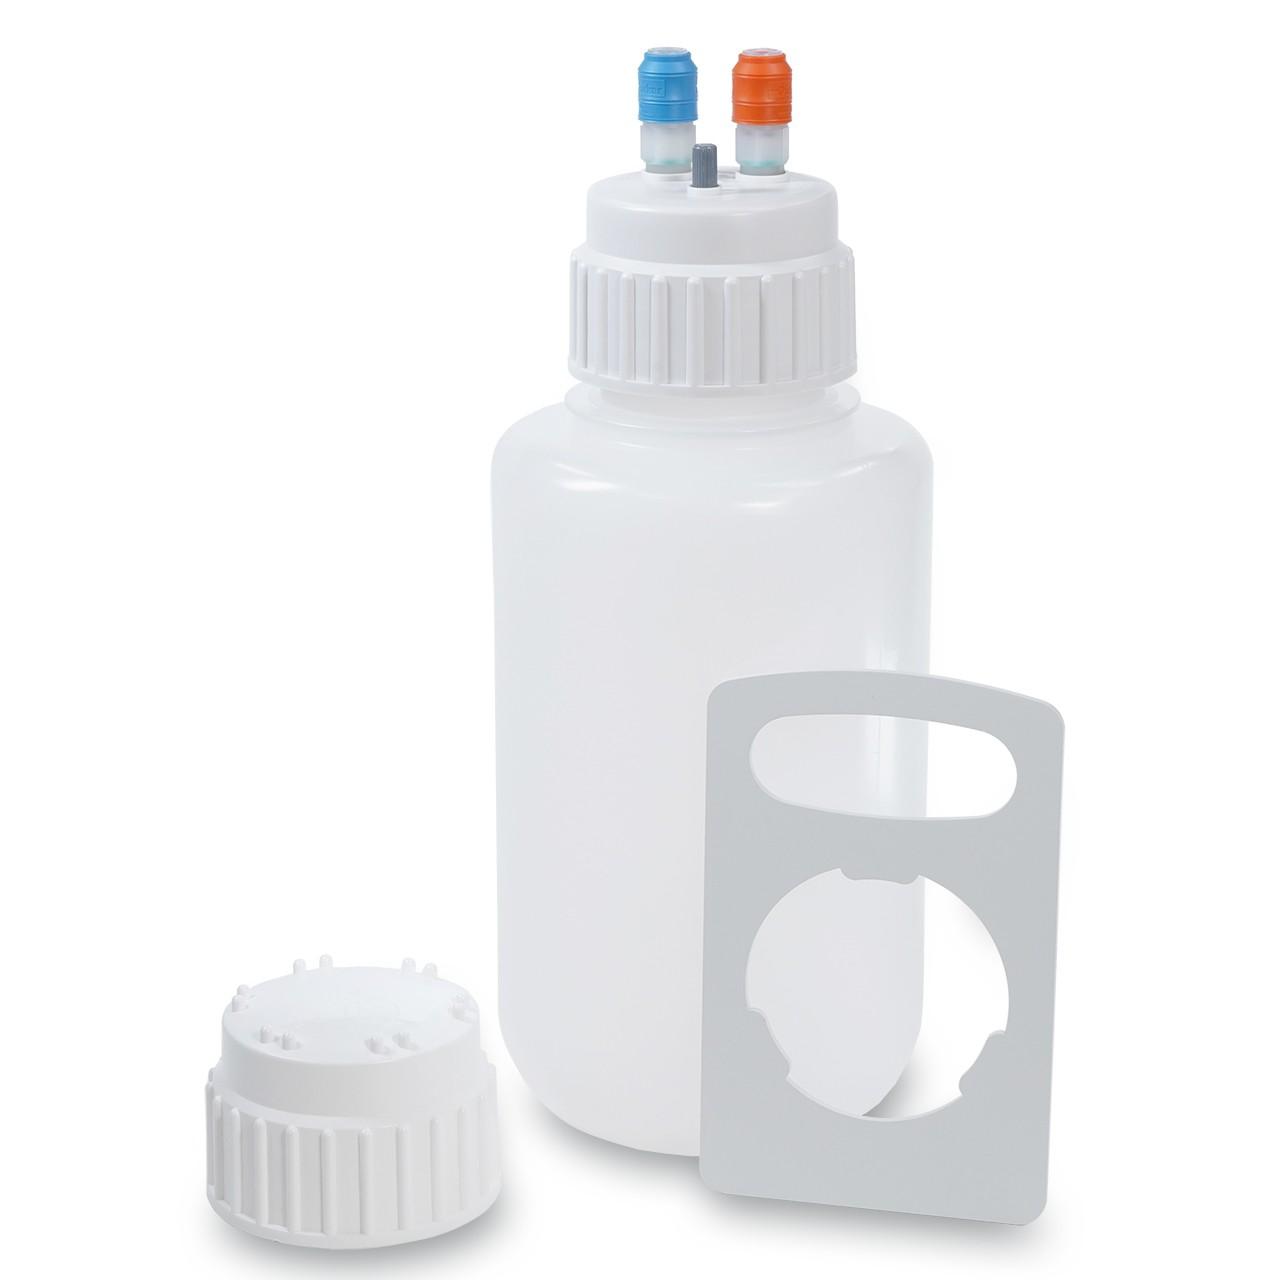 vacuum aspirator accessories